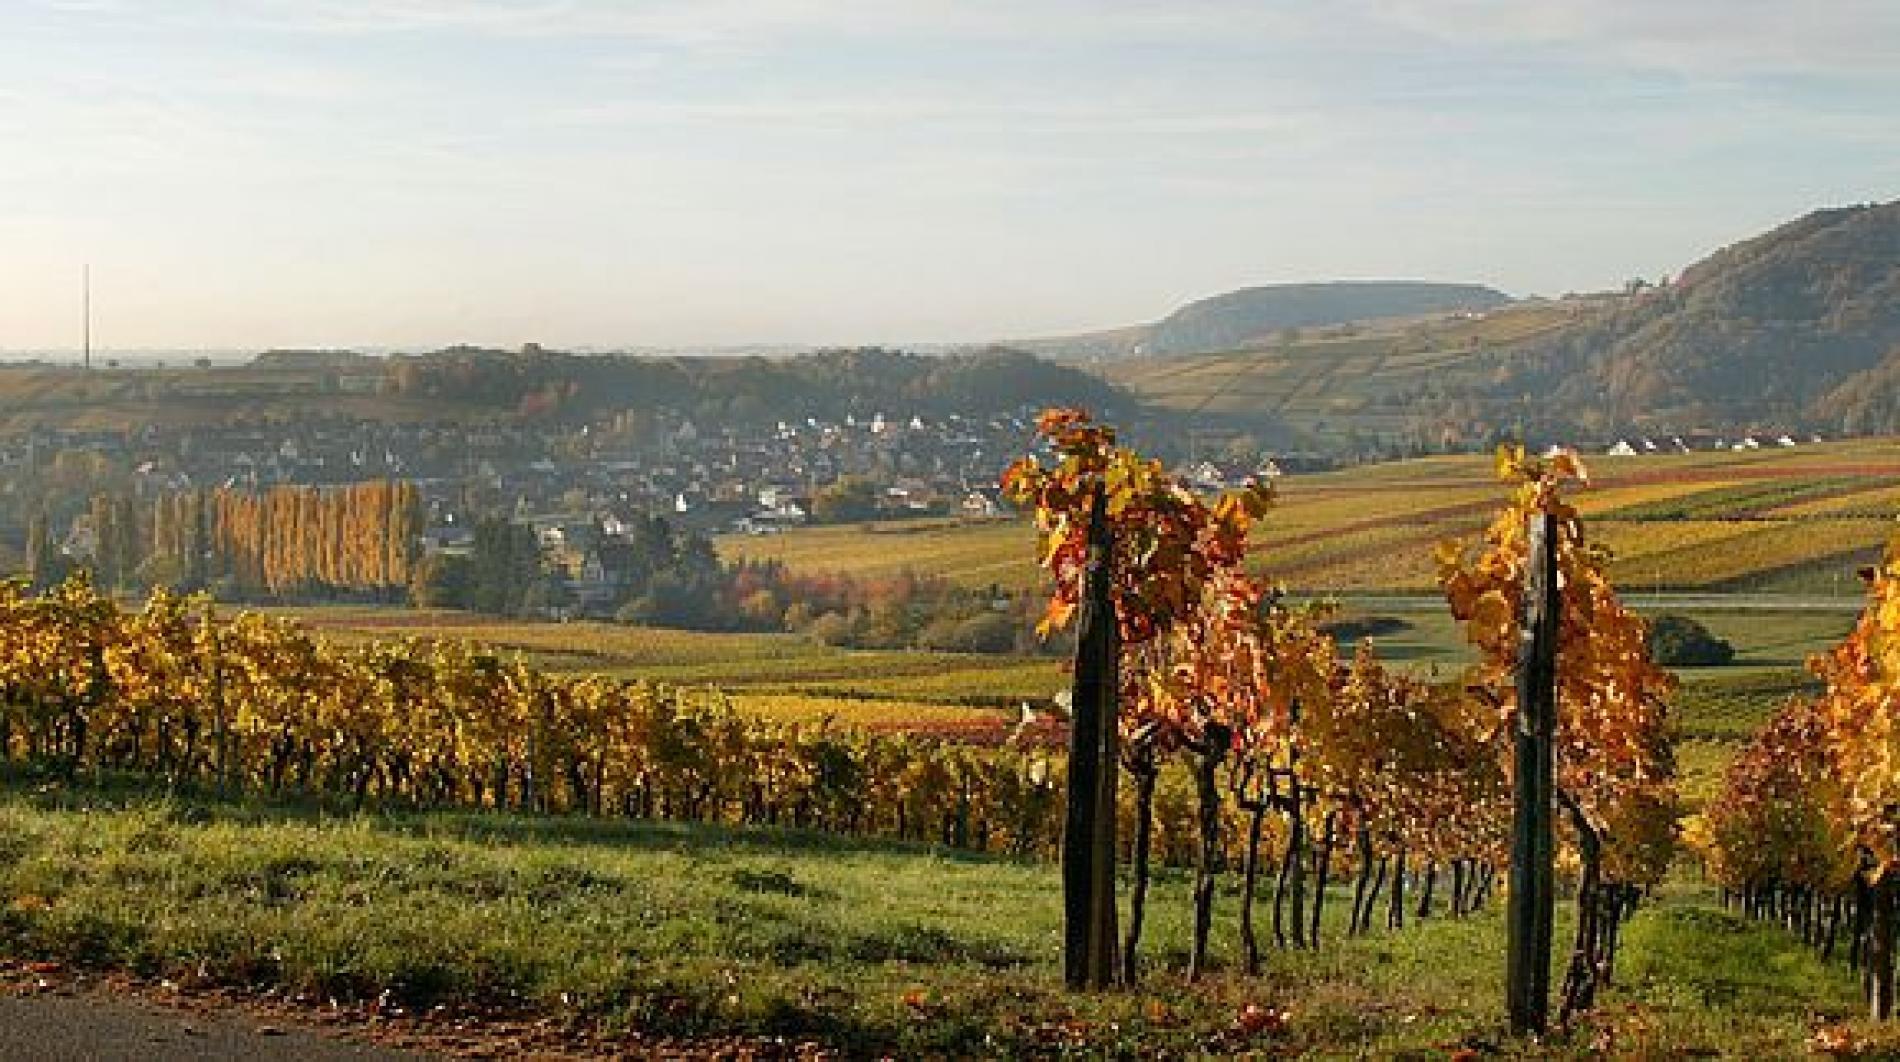 La route des vins allemande